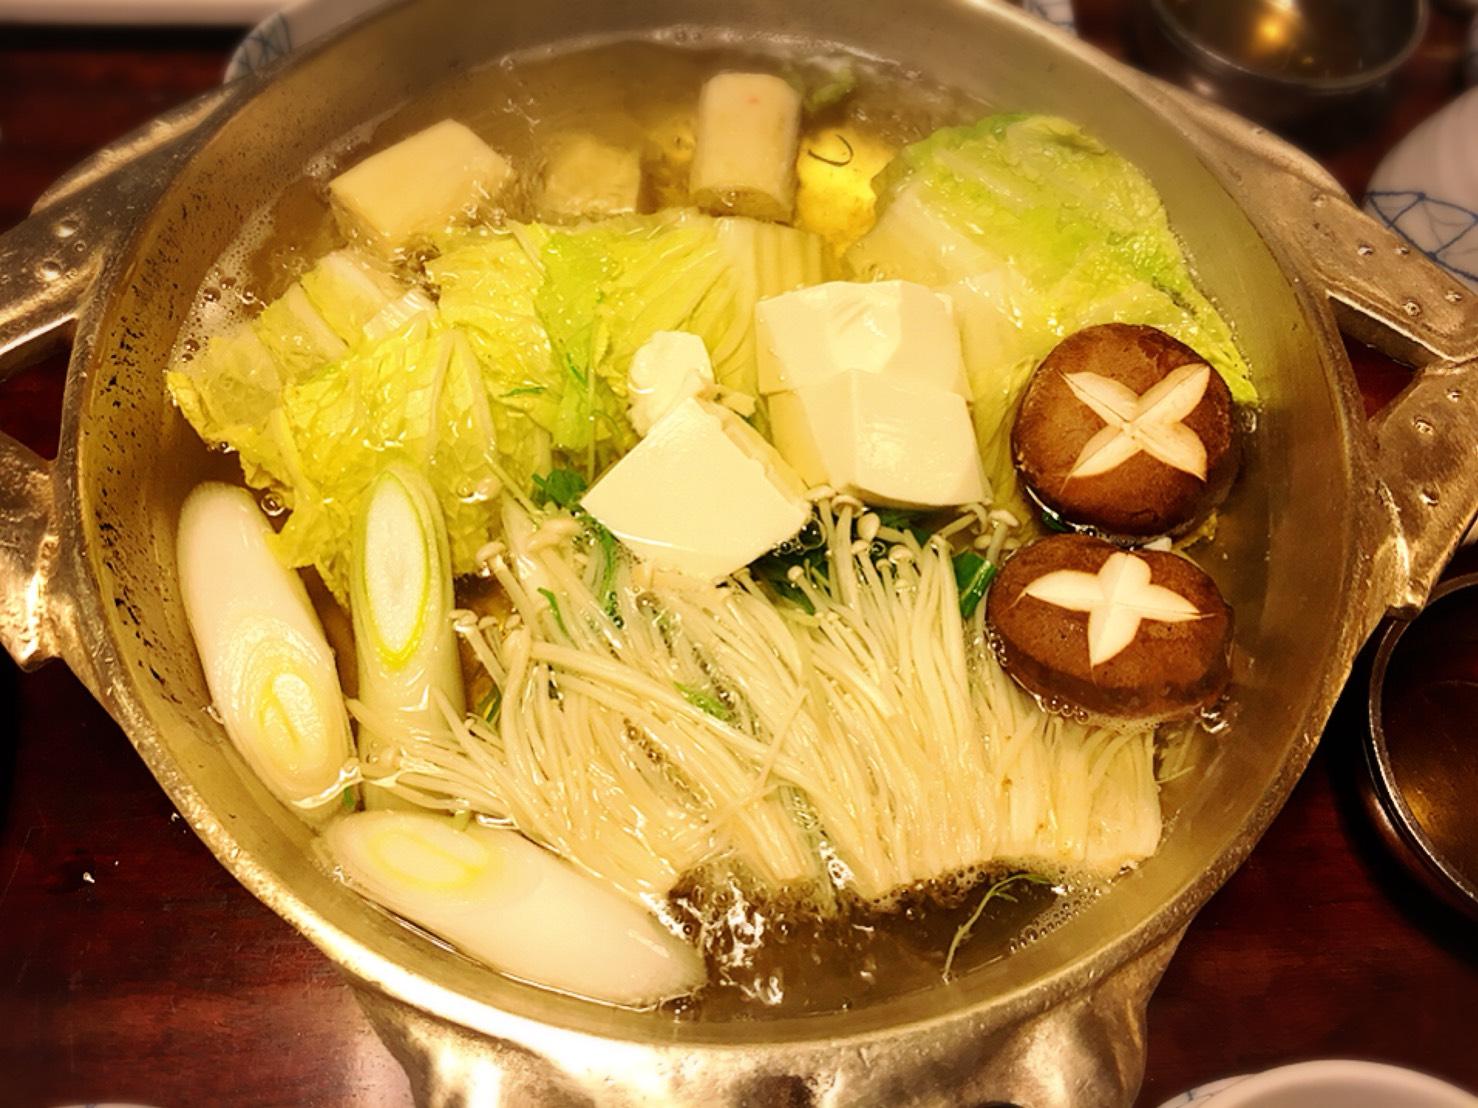 【新宿駅】贅の極み!蟹ざんまいで蟹に溺れる贅沢体験!豪華絢爛な「かに道楽」のかにしゃぶ会席冬景色のかにしゃぶ二種盛のお鍋